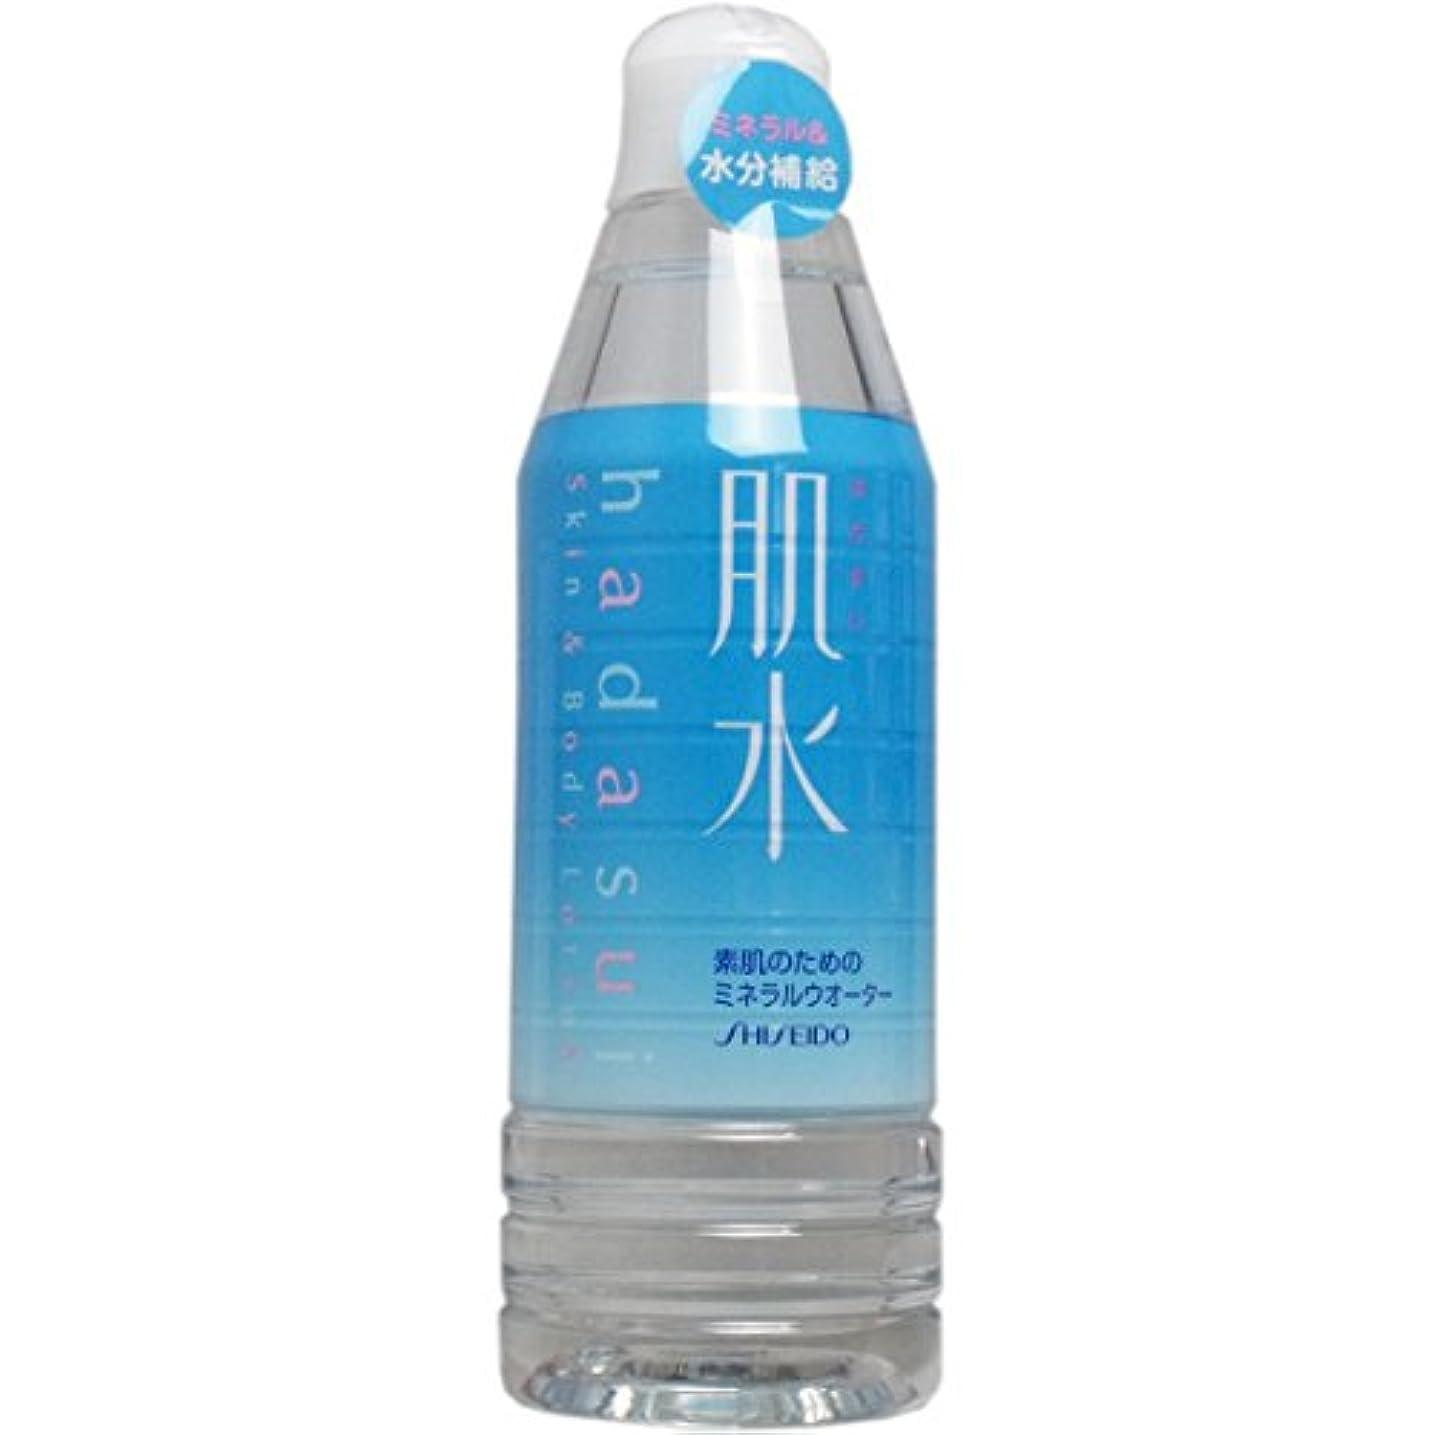 変換するカスケード雪だるまを作る【まとめ買い】肌水 400ml ボトルタイプ ×2セット